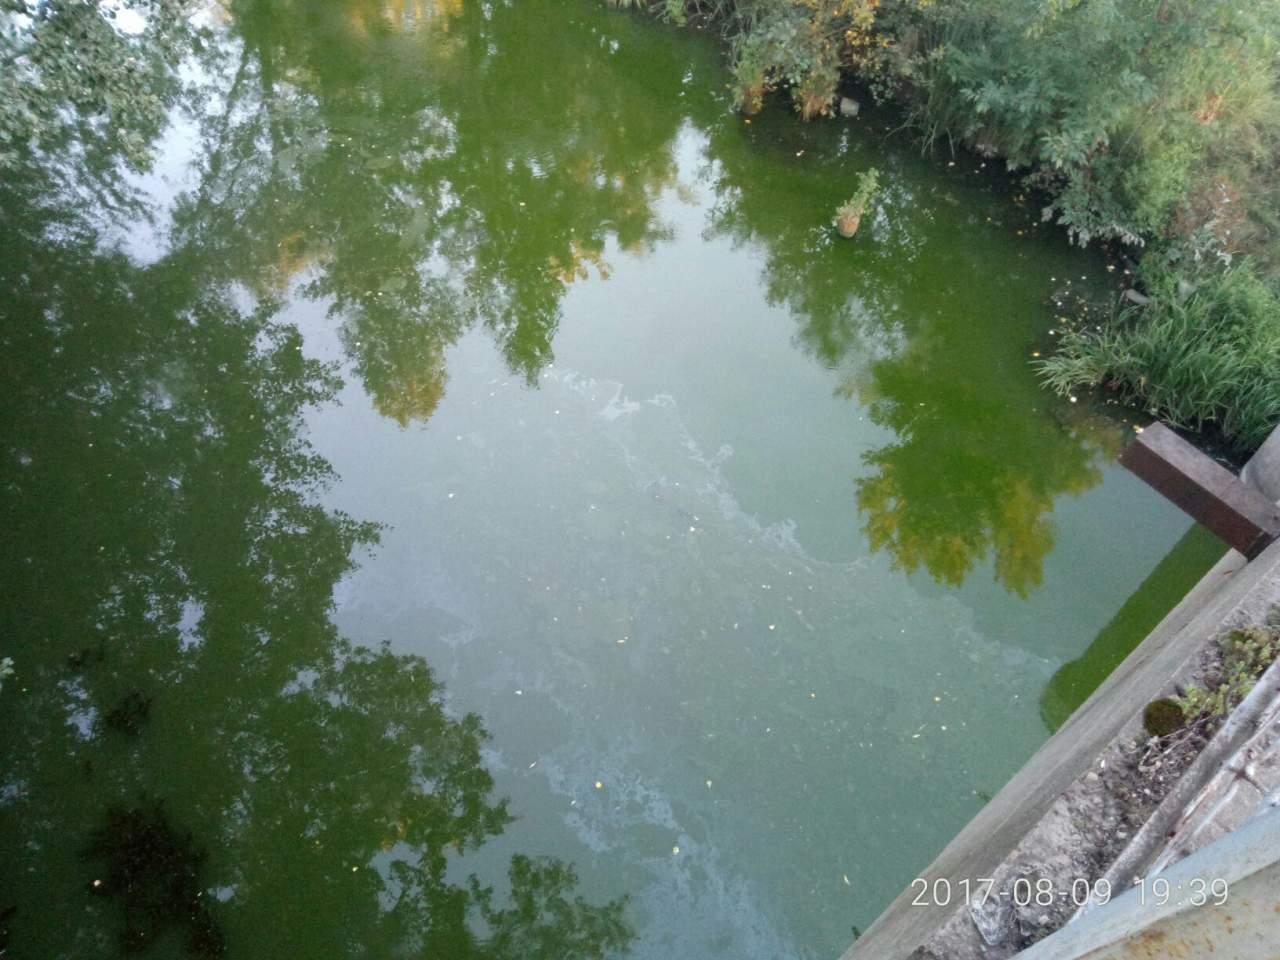 В Харькове возле танкового завода позеленела река (фото)